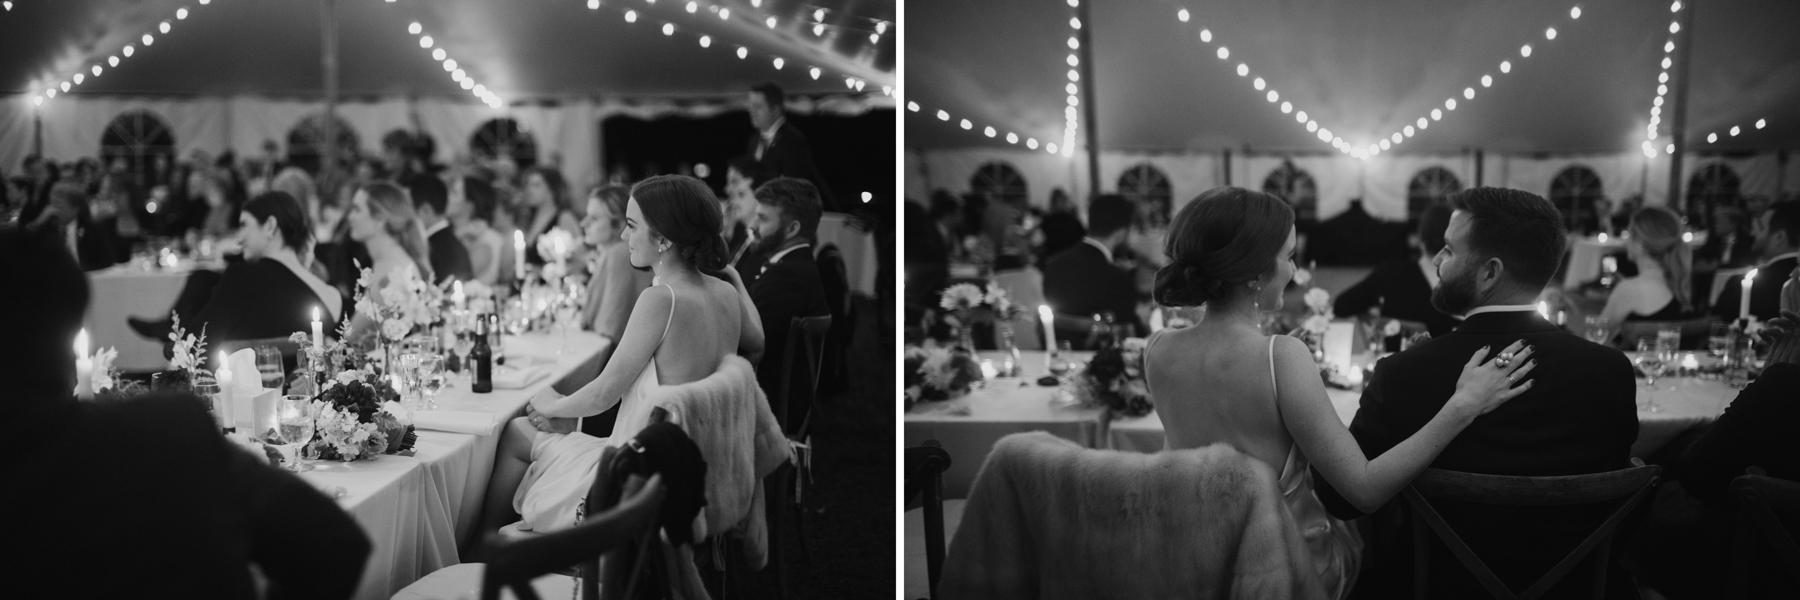 Hamilton_House_wedding_maine_Leah_Fisher_Photography-39.jpg